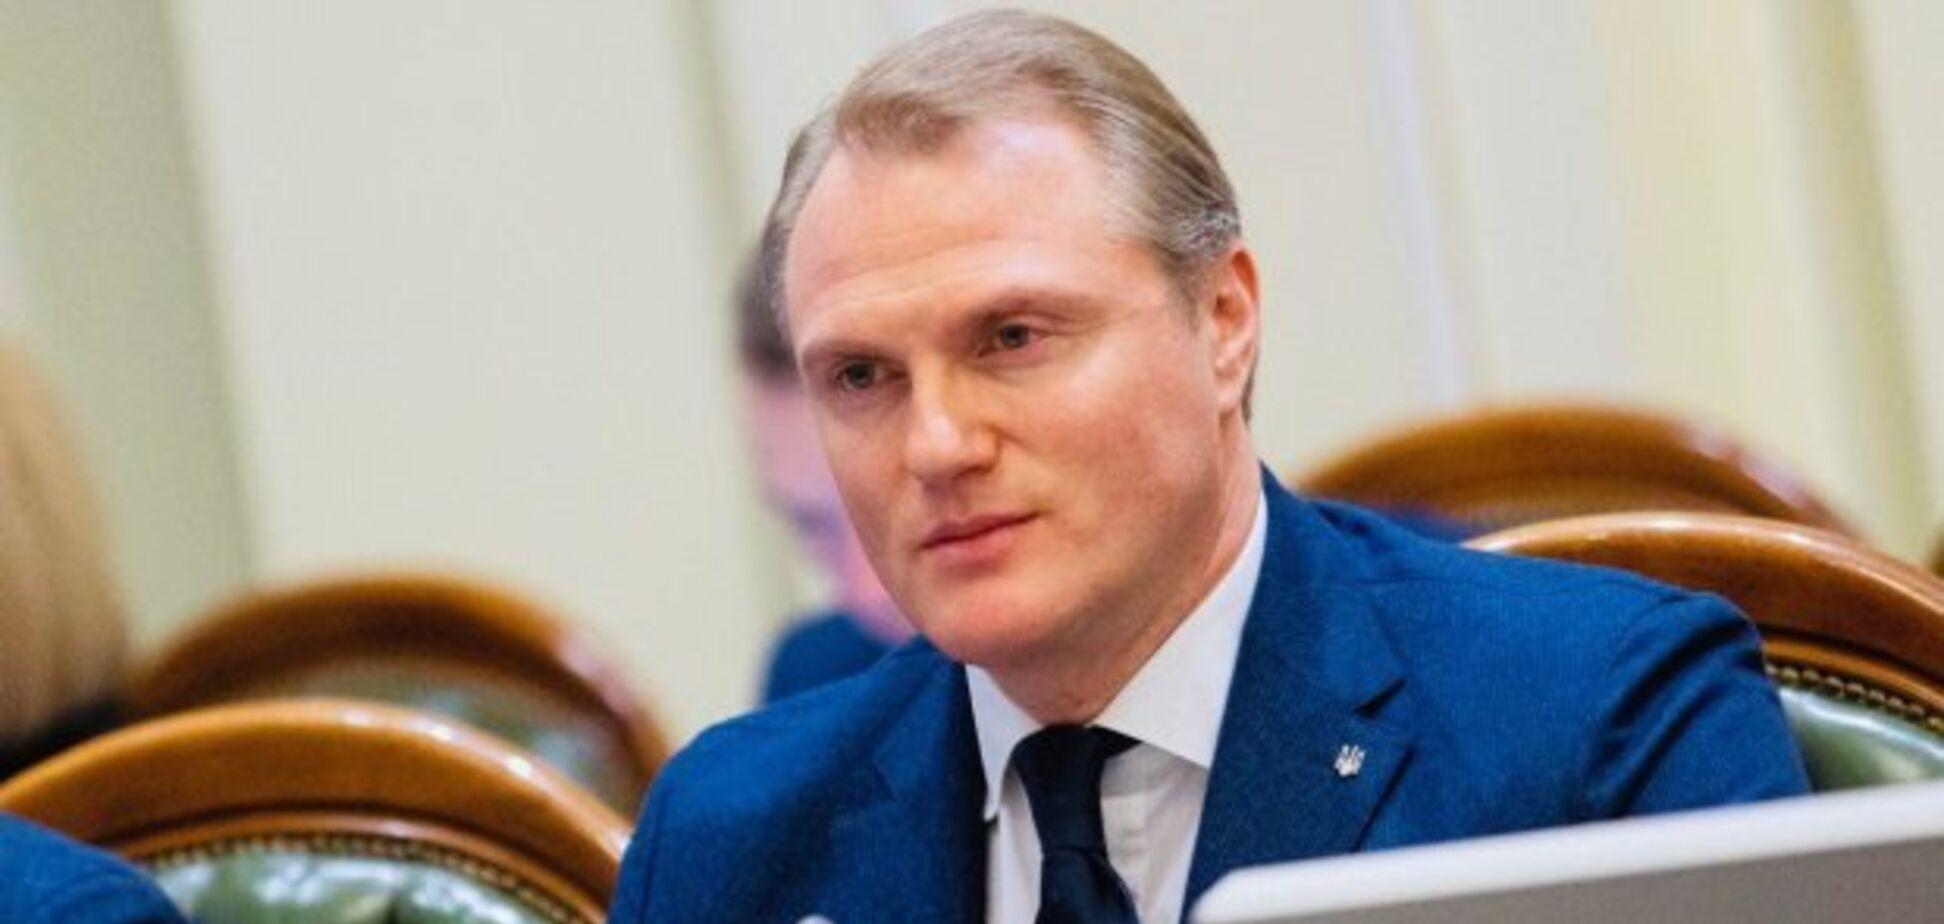 Бьют по семье: кремлевские СМИ атаковали инициатора закона о языке Рыбчинского